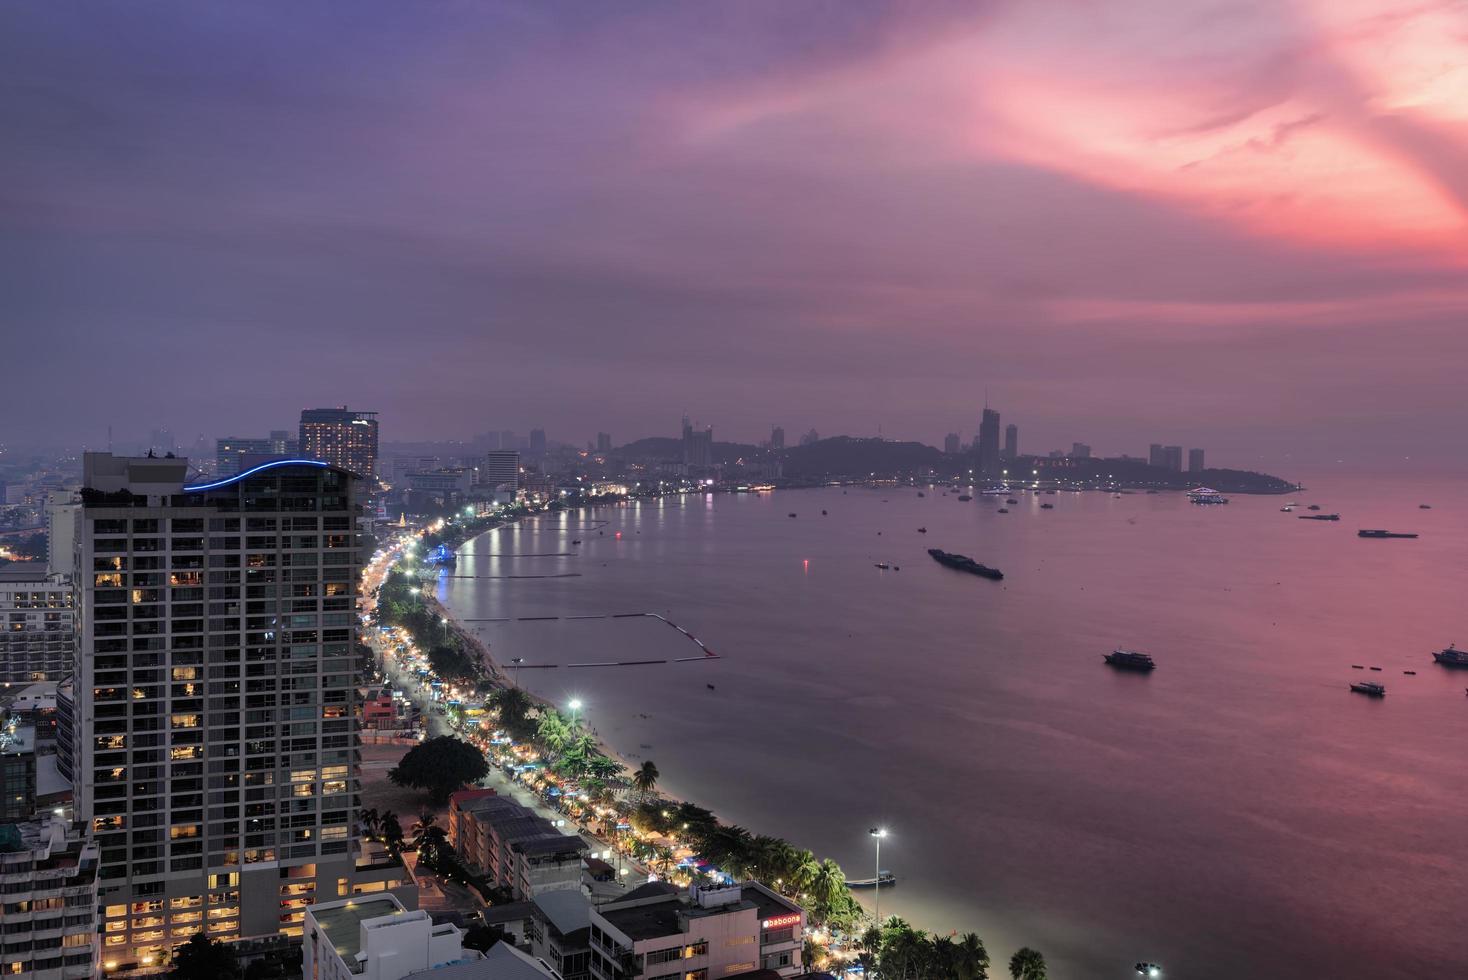 Vista de rascacielos en la ciudad de Pattaya, Tailandia al atardecer foto